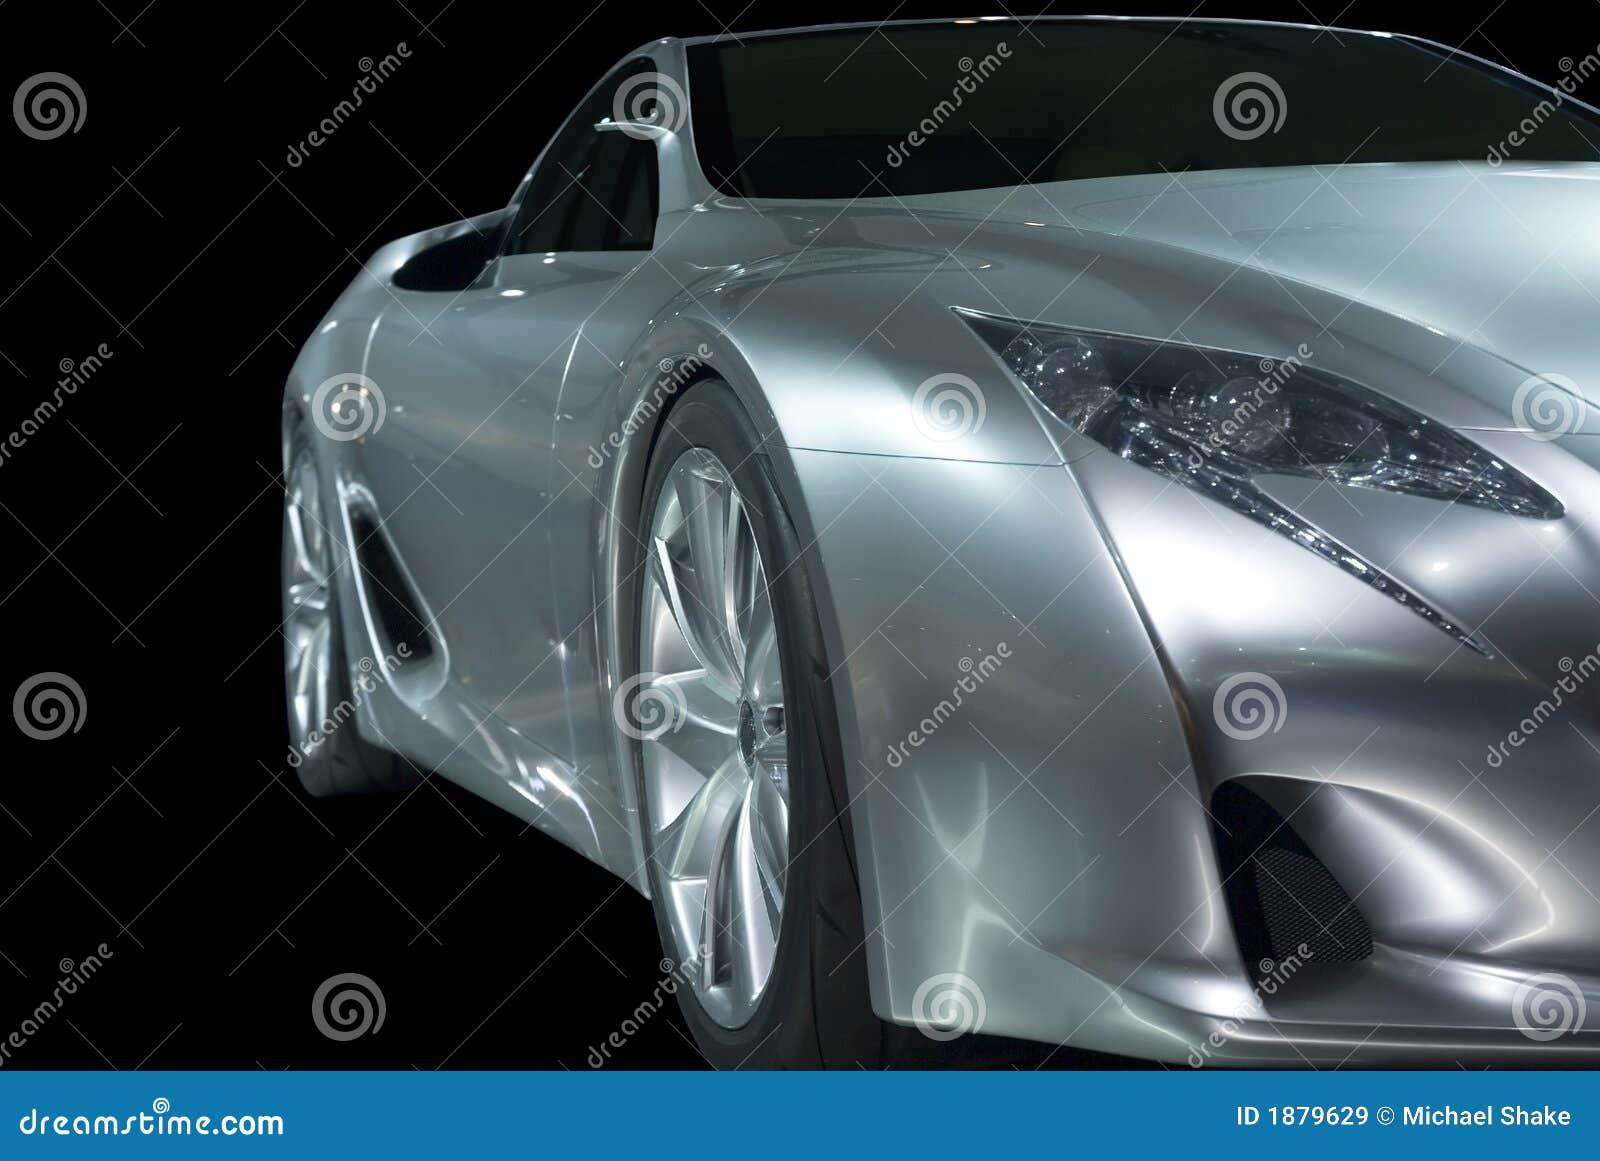 Abstrakt bilsportar